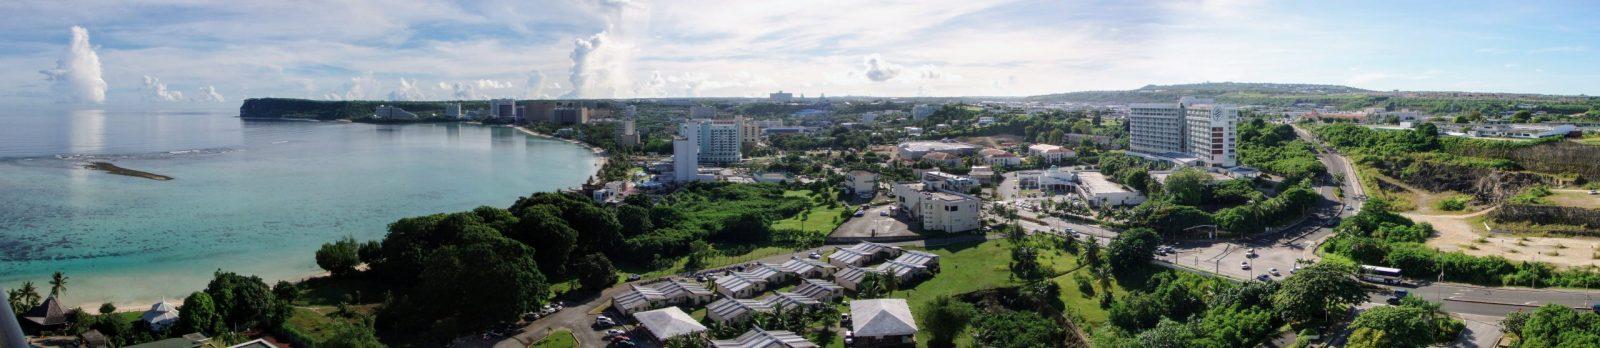 Panoramic view in Guam